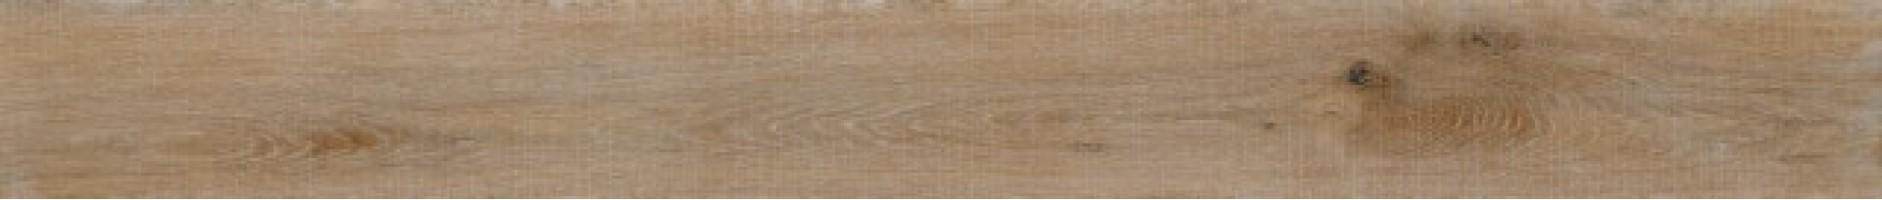 Керамогранит Porcelanosa Devon Roble 19.3x180 P16700751